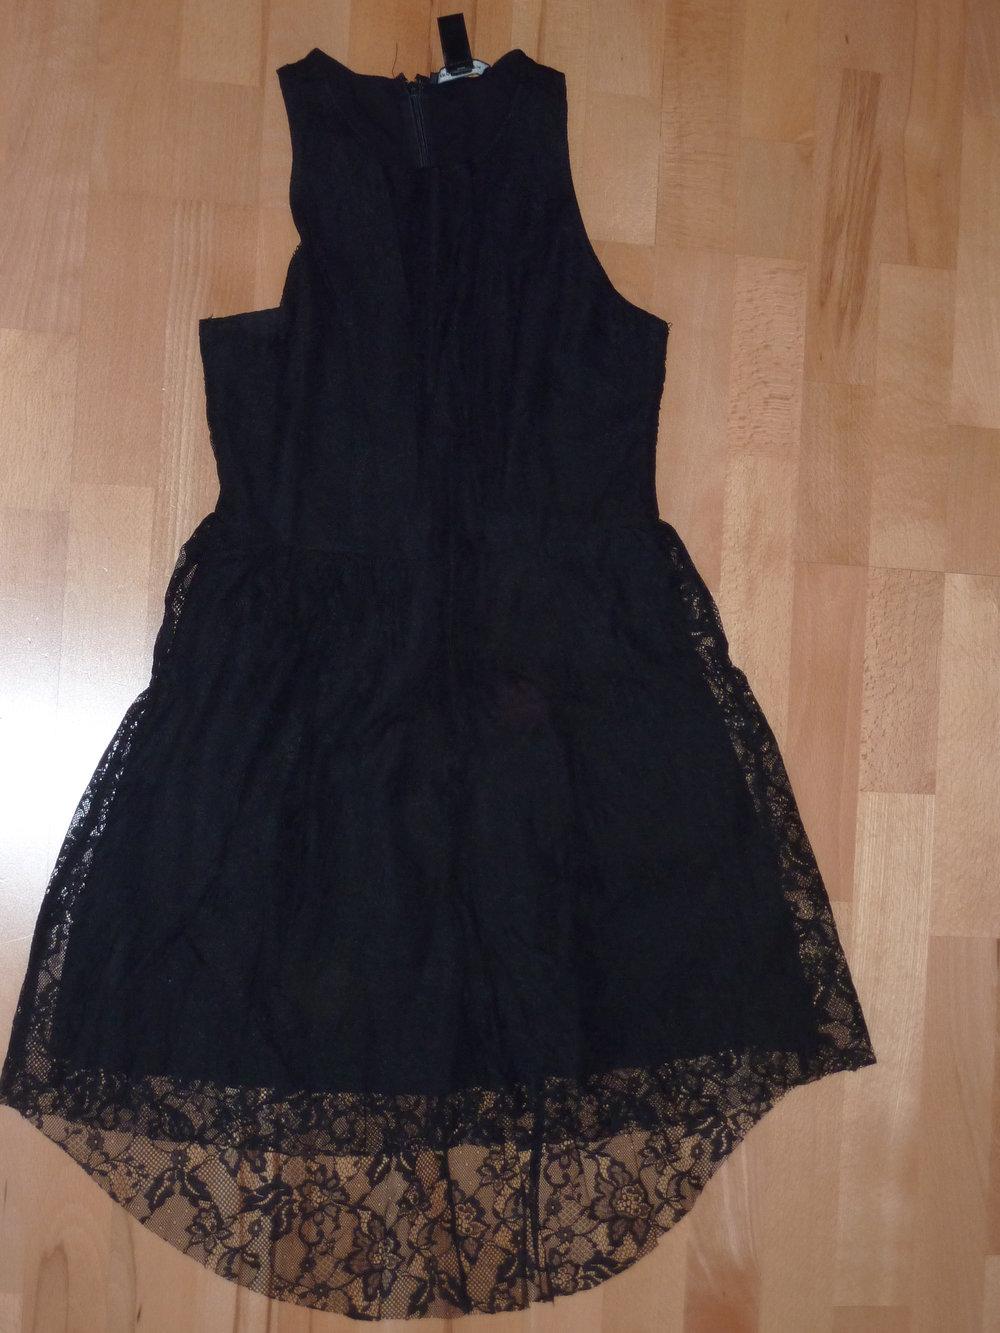 72d00ae30f2c59 H&M - Schwarzes Kleid mit Spitze :: Kleiderkorb.at